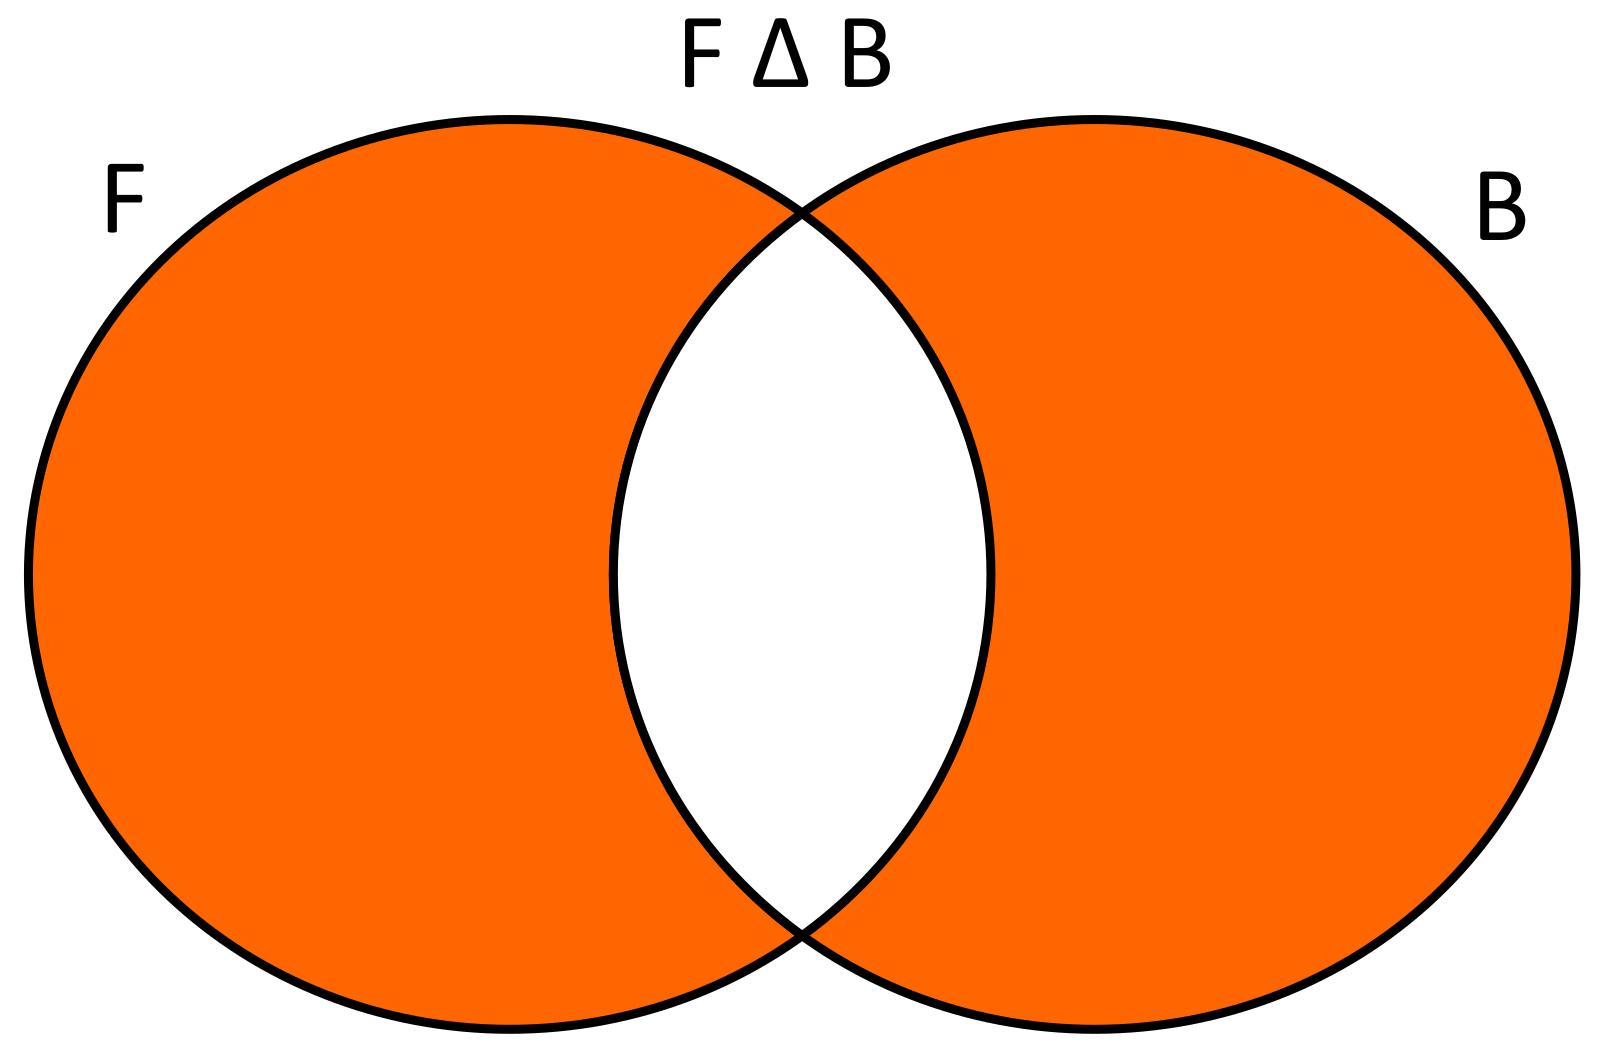 Conoce3000 la diferencia simtrica ser f bxx estudiantes que slo juegan ftbol y bsquet usando diagramas de venn se tendra lo siguiente ccuart Images